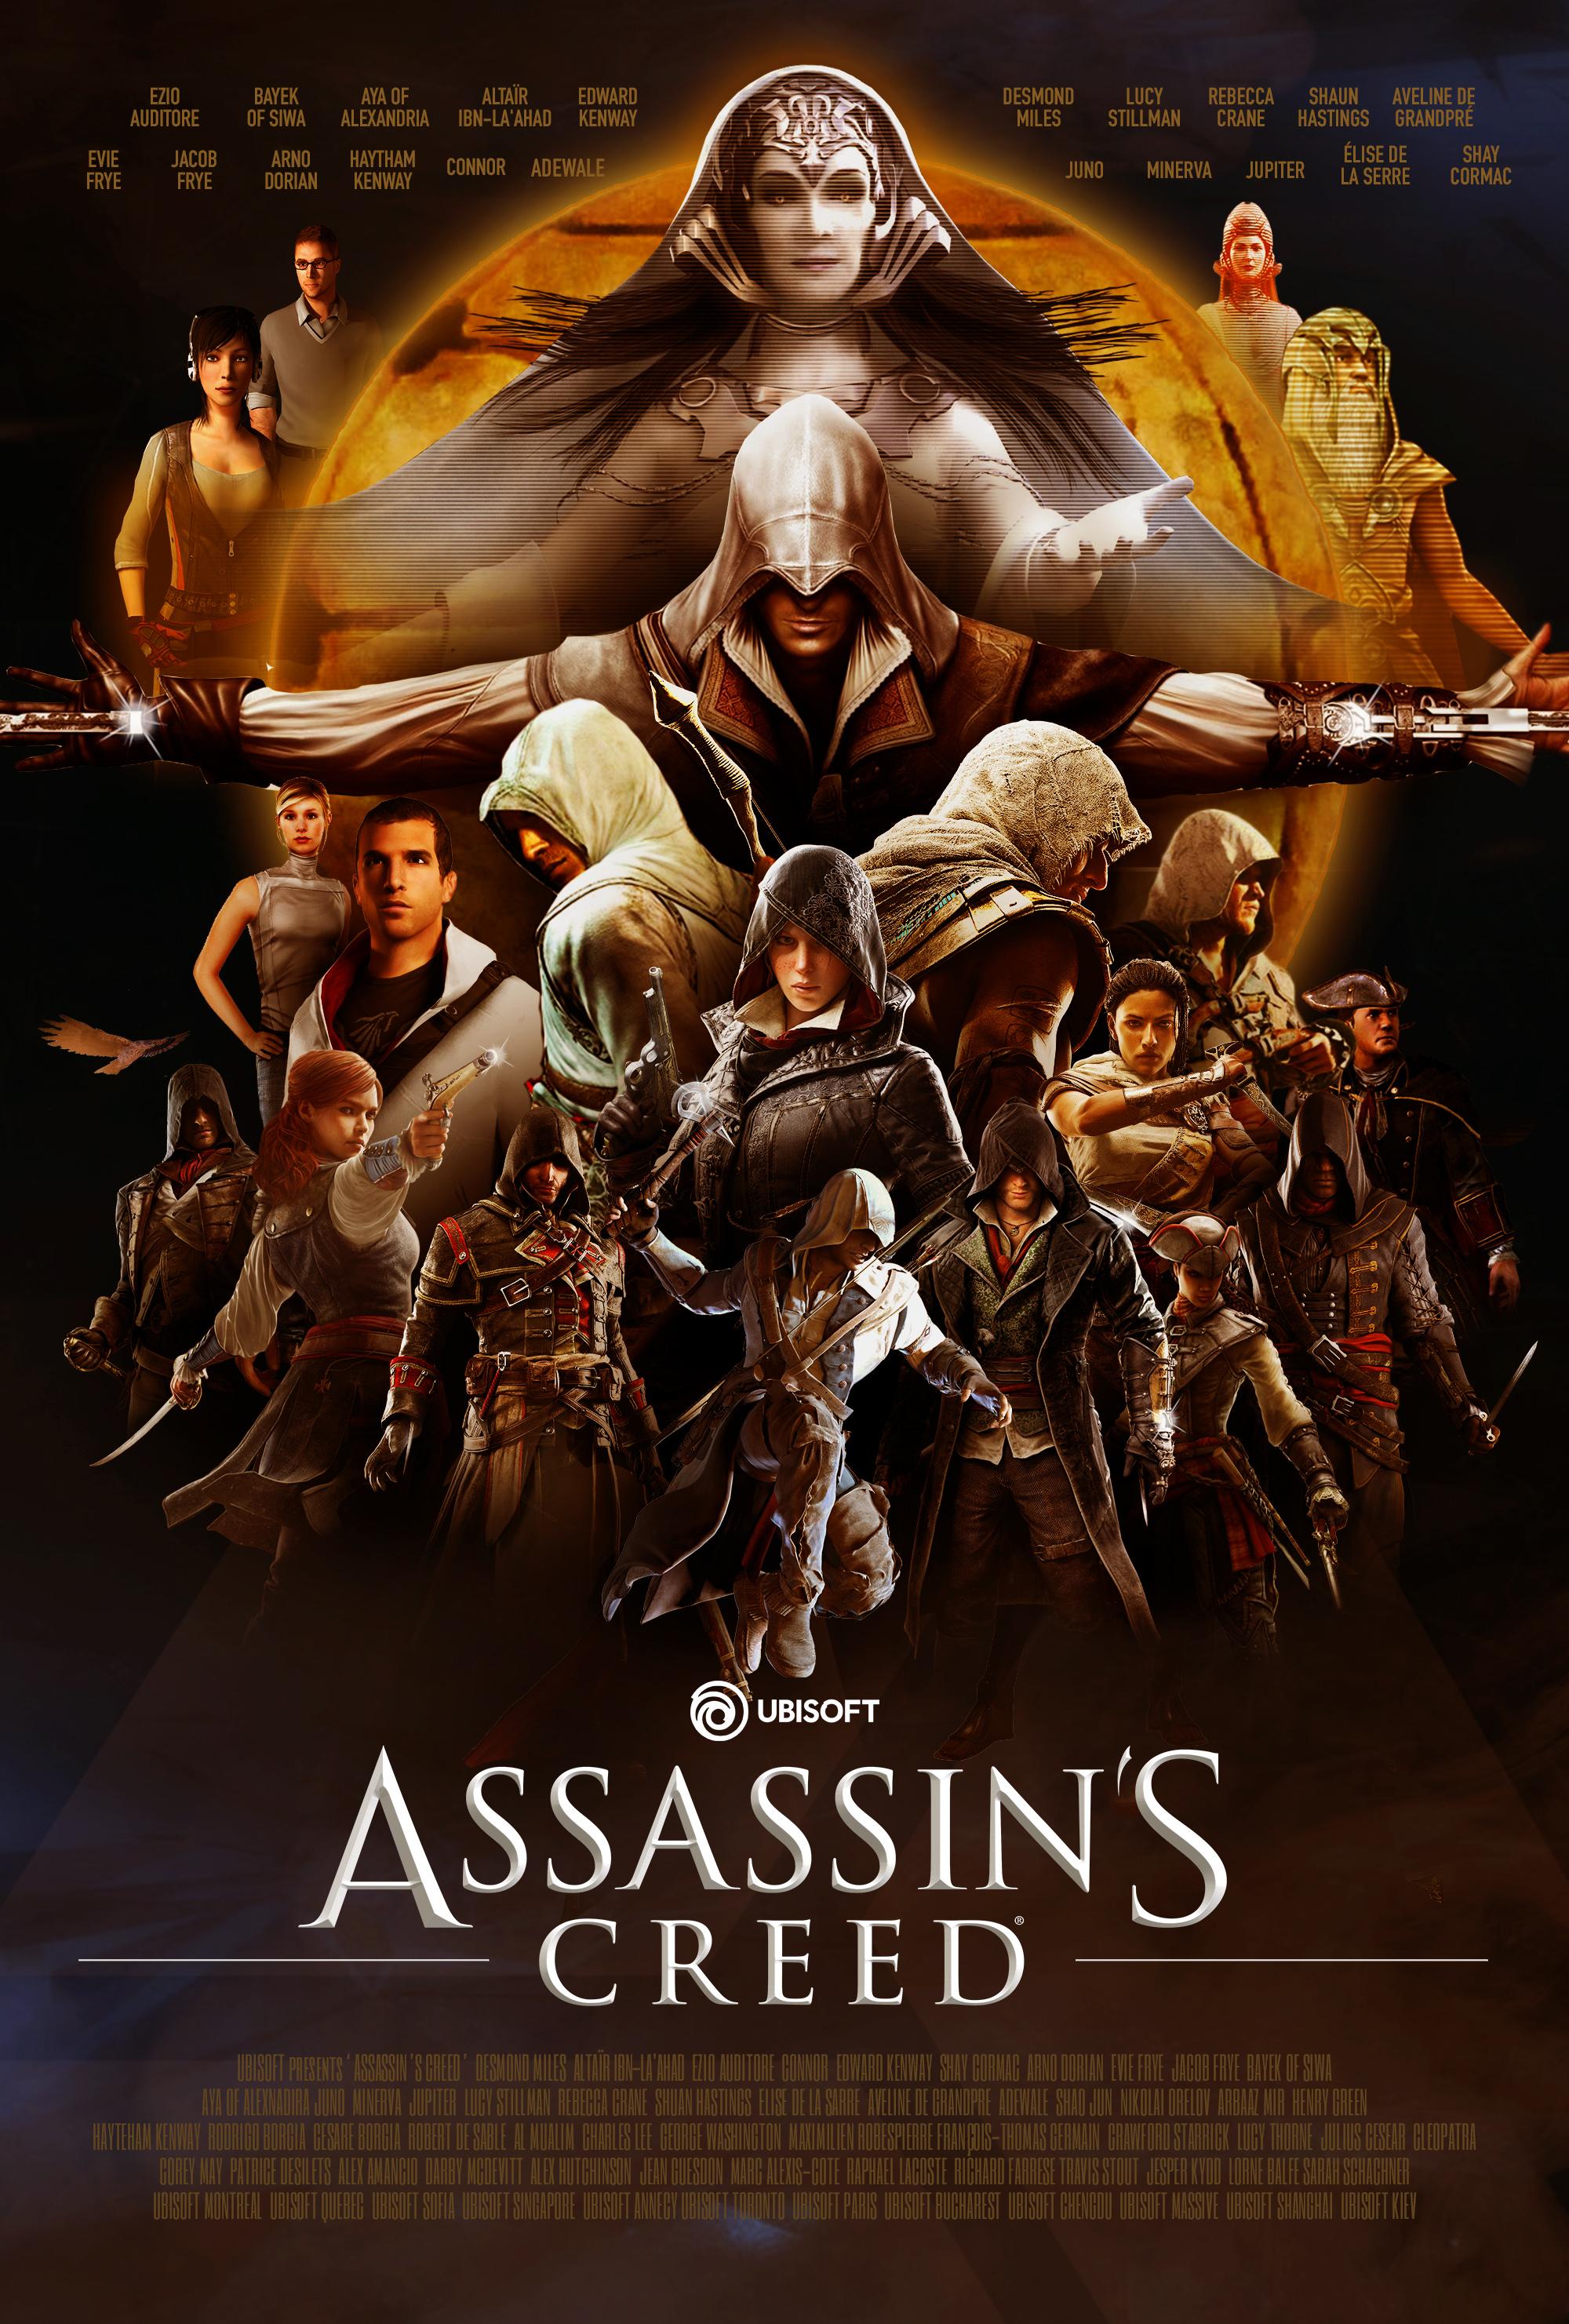 Wallpaper Poster Assassin S Creed Video Games 2000x2962 Rutscher 1344705 Hd Wallpapers Wallhere